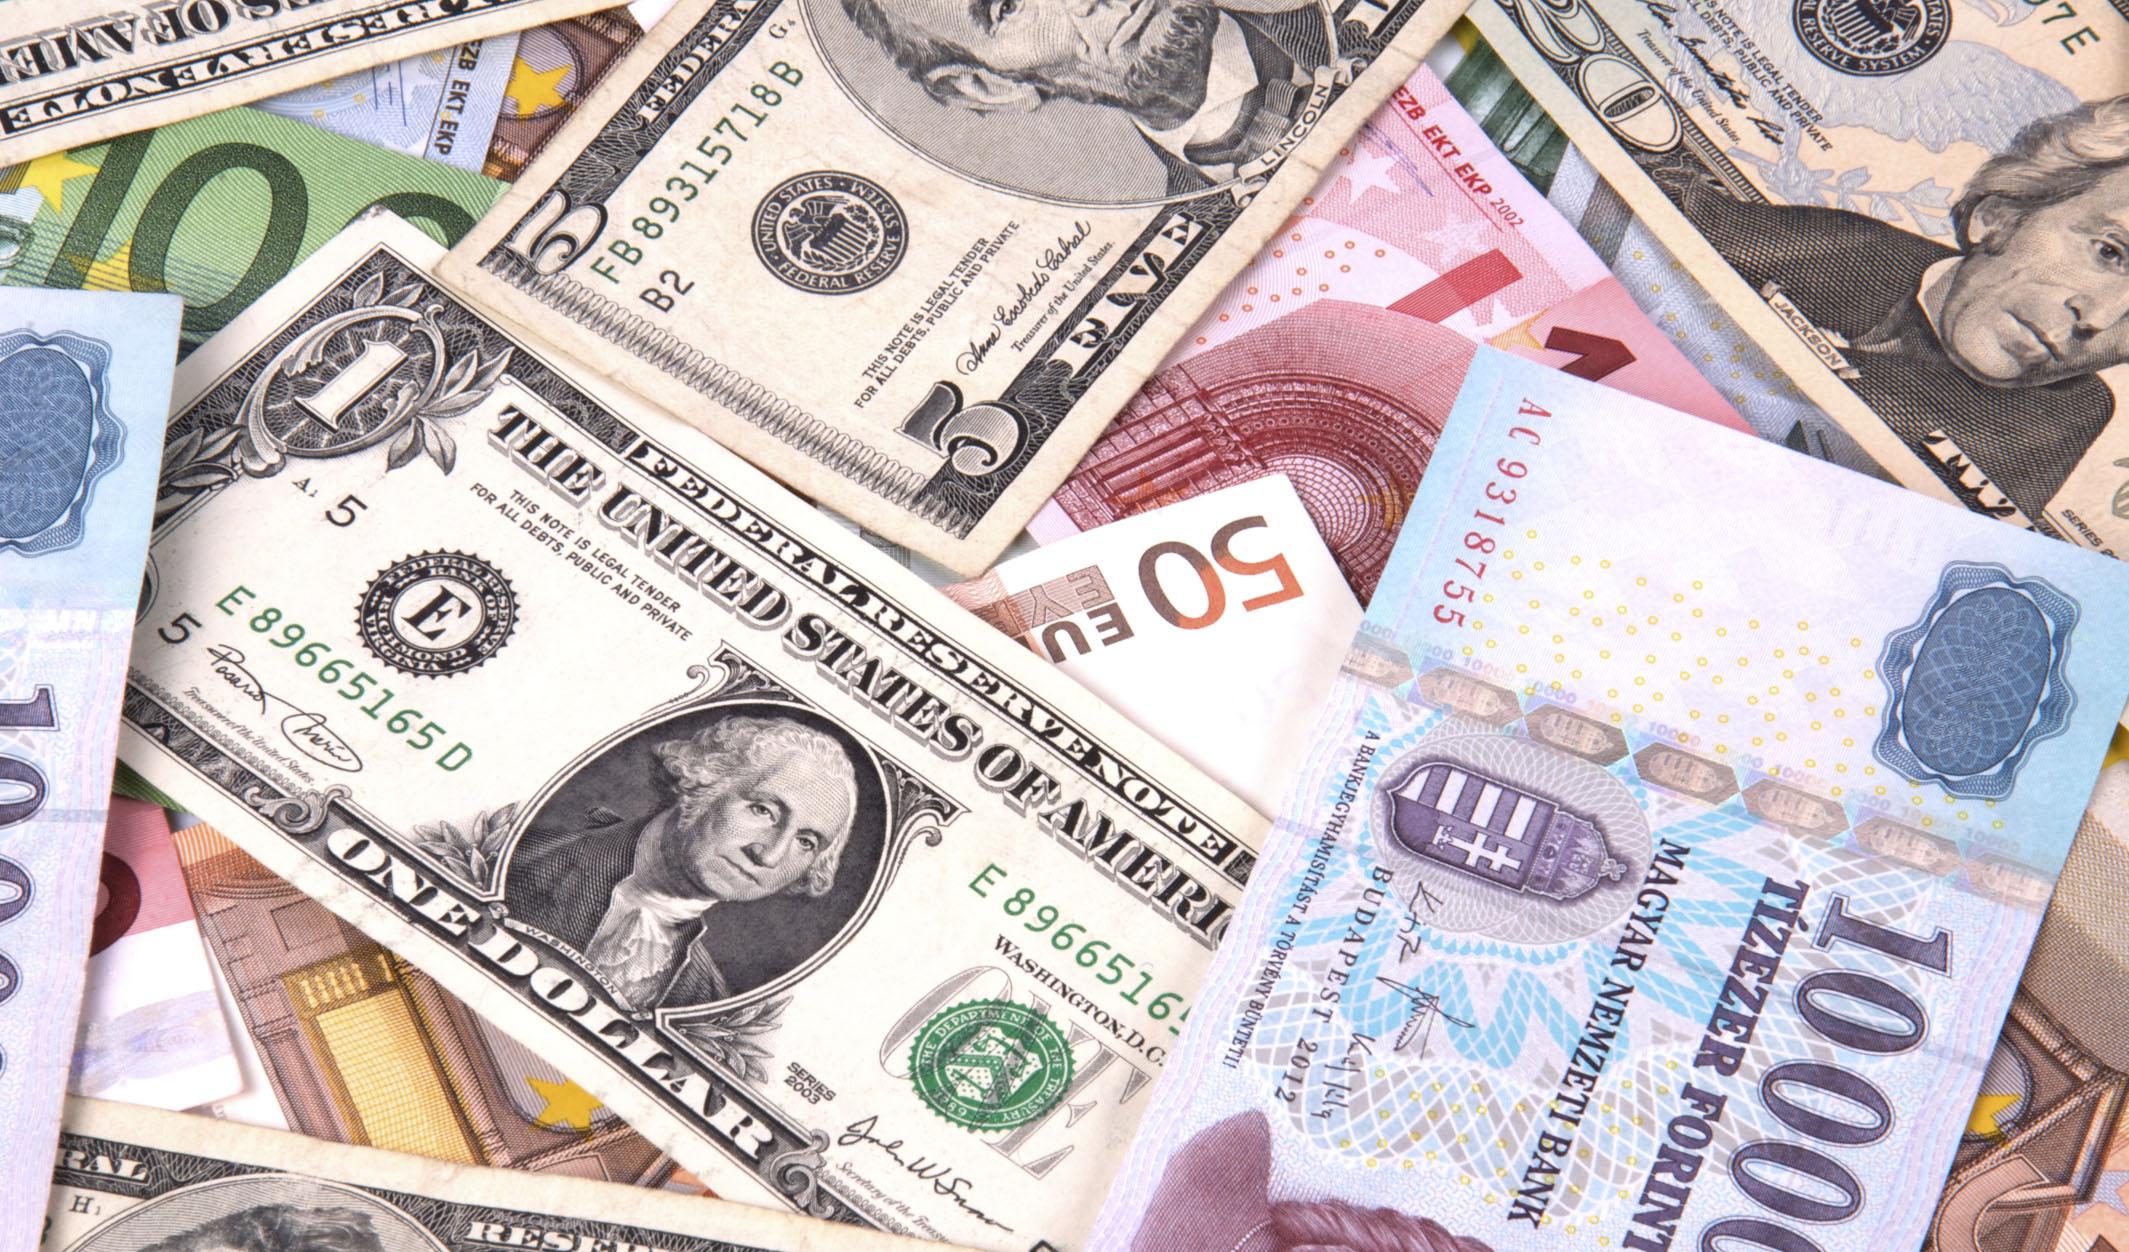 اعلام آخرین مهلت ثبت فروش ریالی کالاهای صادراتی